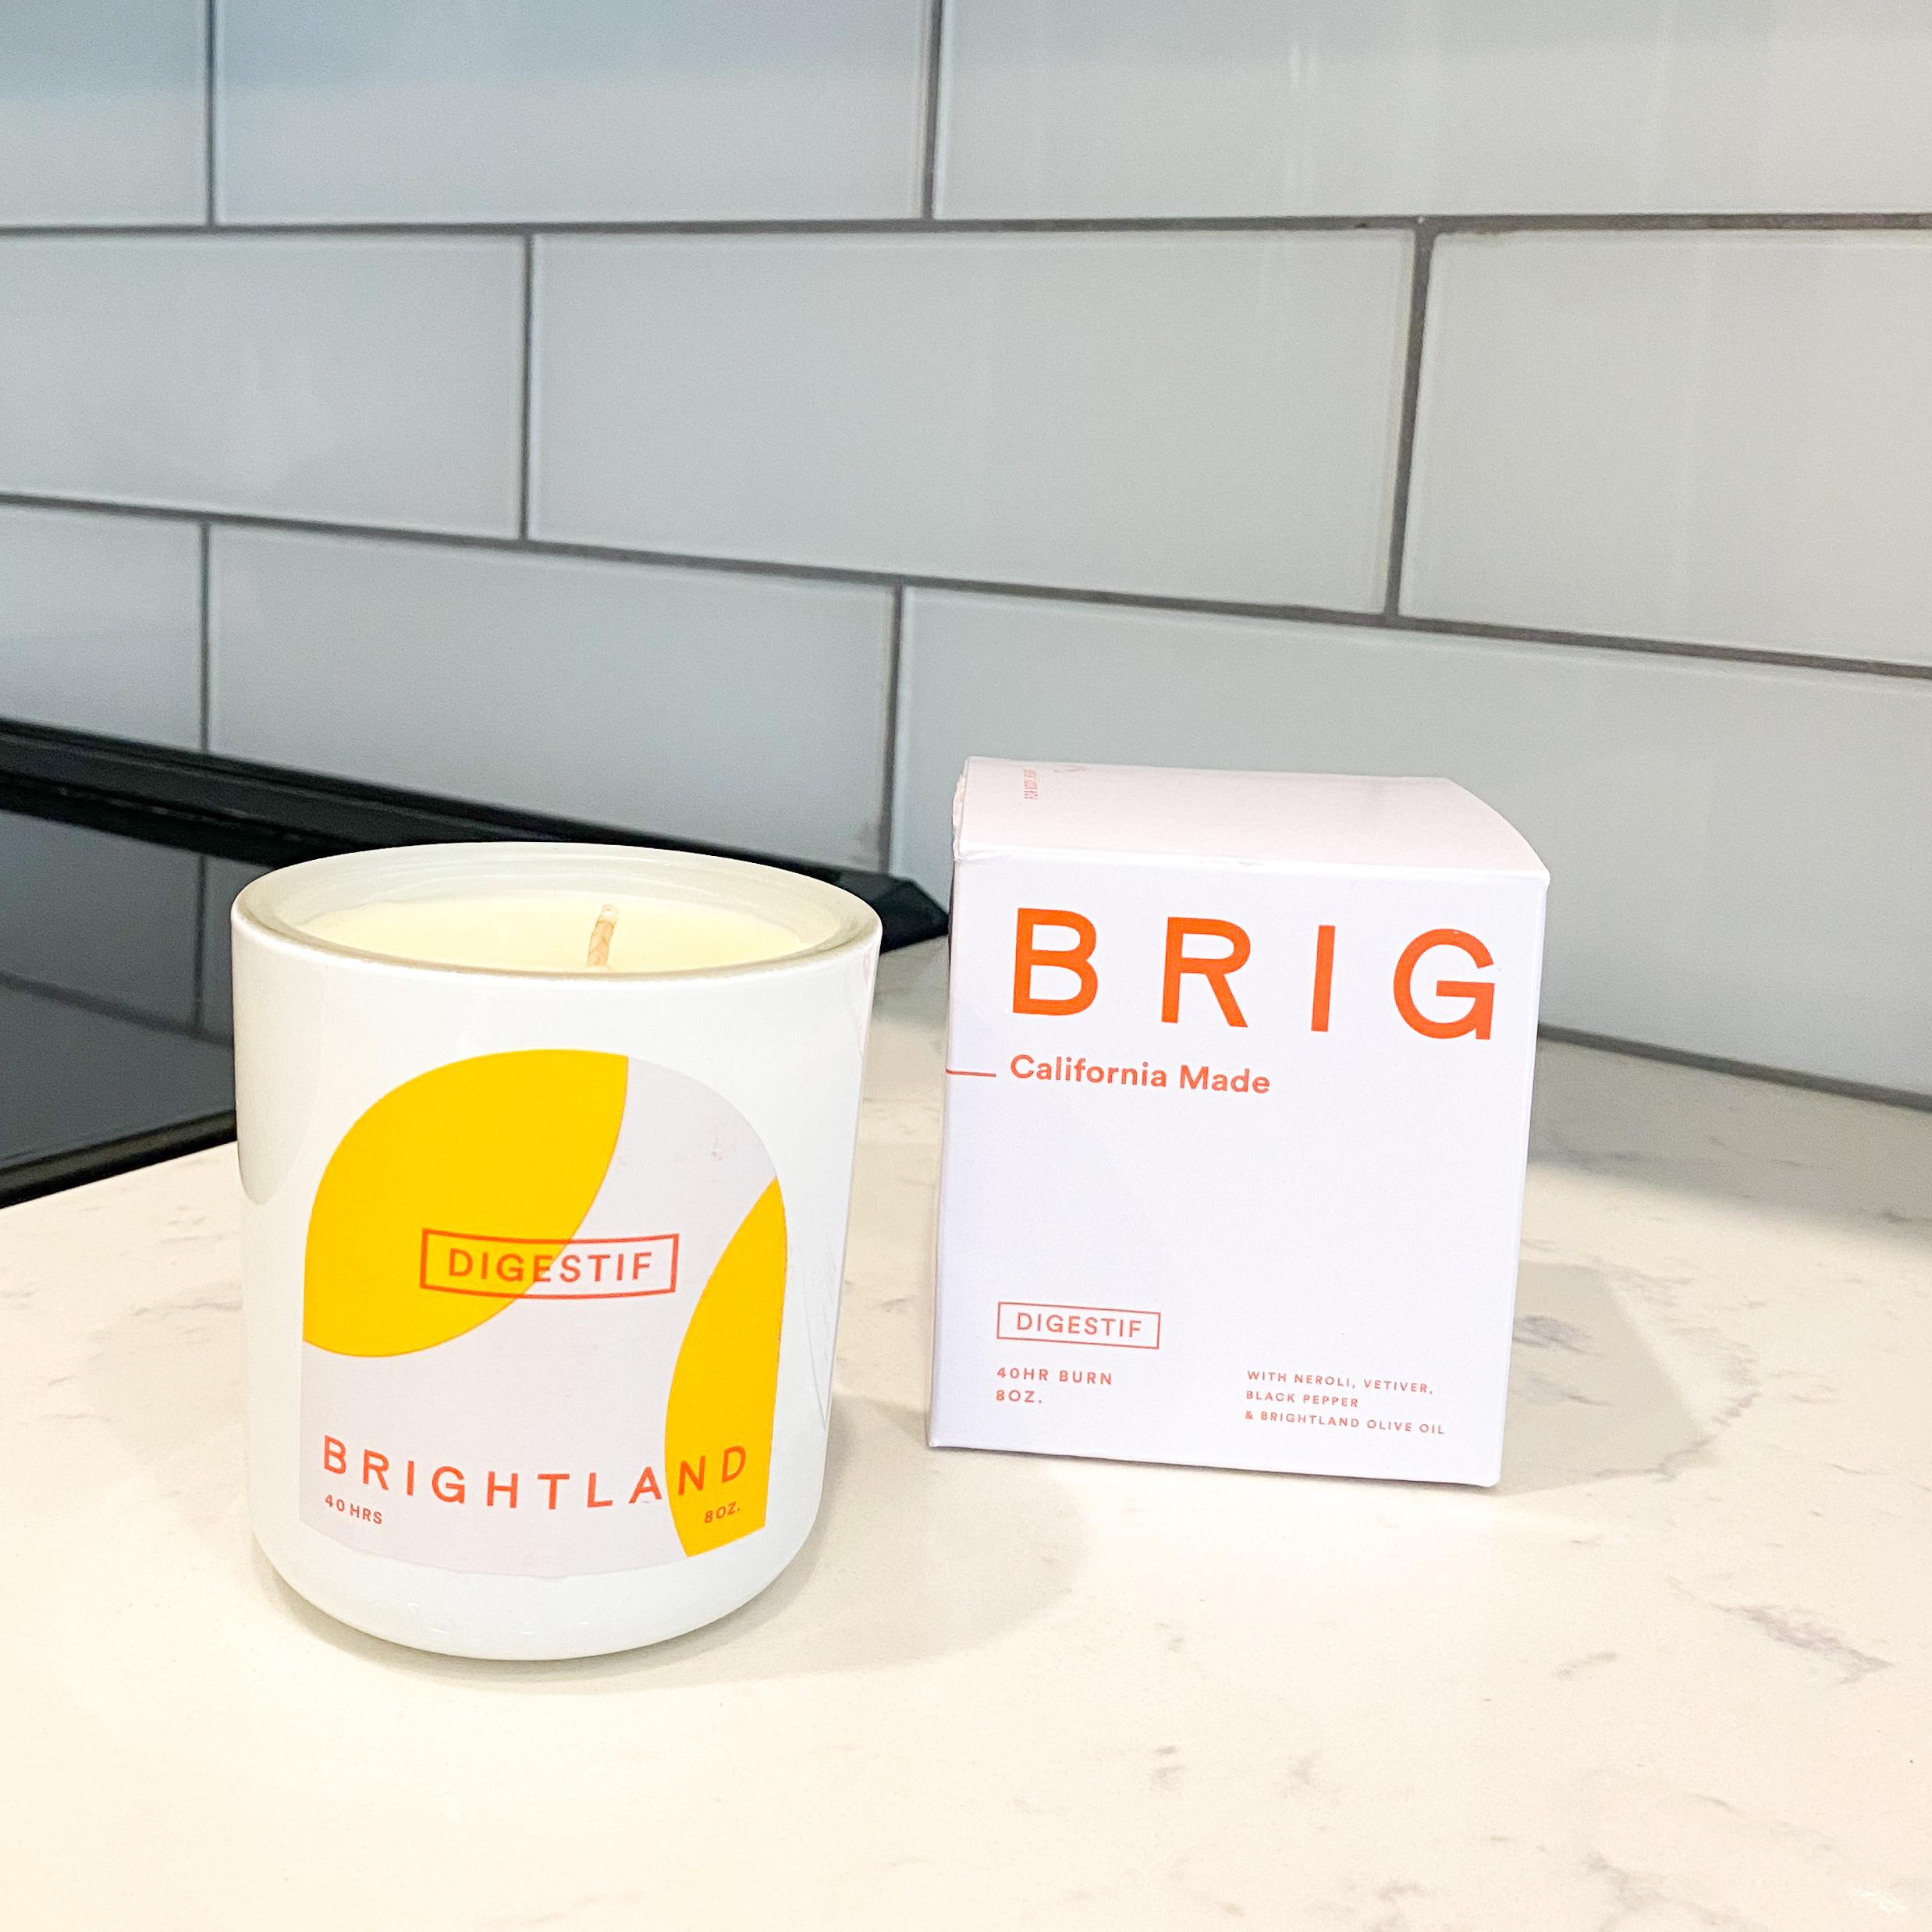 """Brightland """"Digestif"""" Candle!   This Weeks Good Things 4.12.21"""